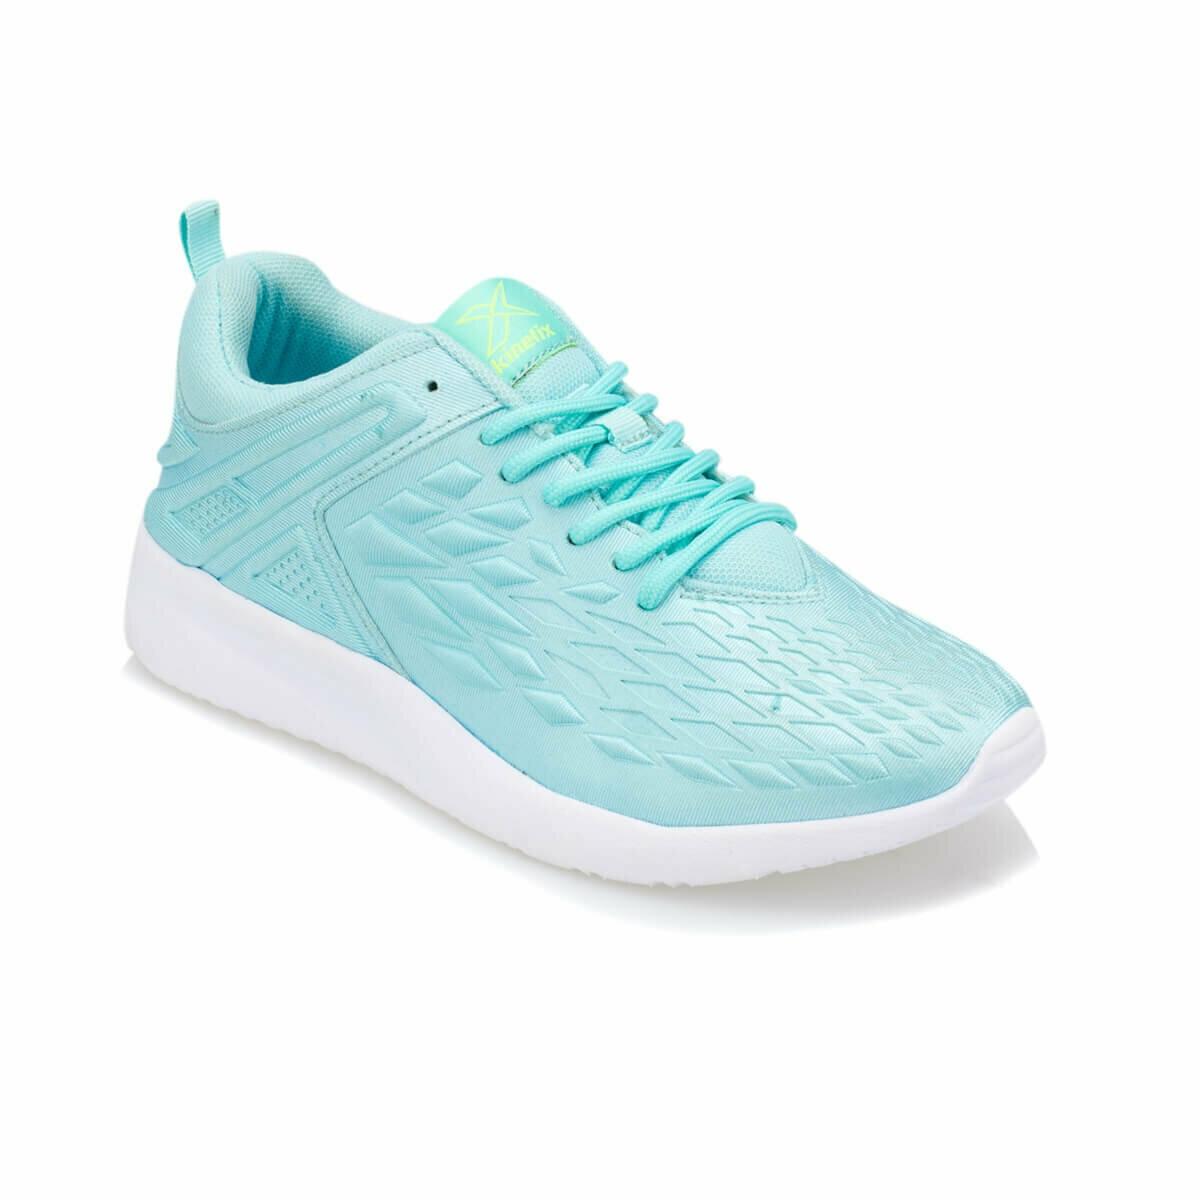 FLO PRETY W Water Green Women 'S Sneaker Shoes KINETIX